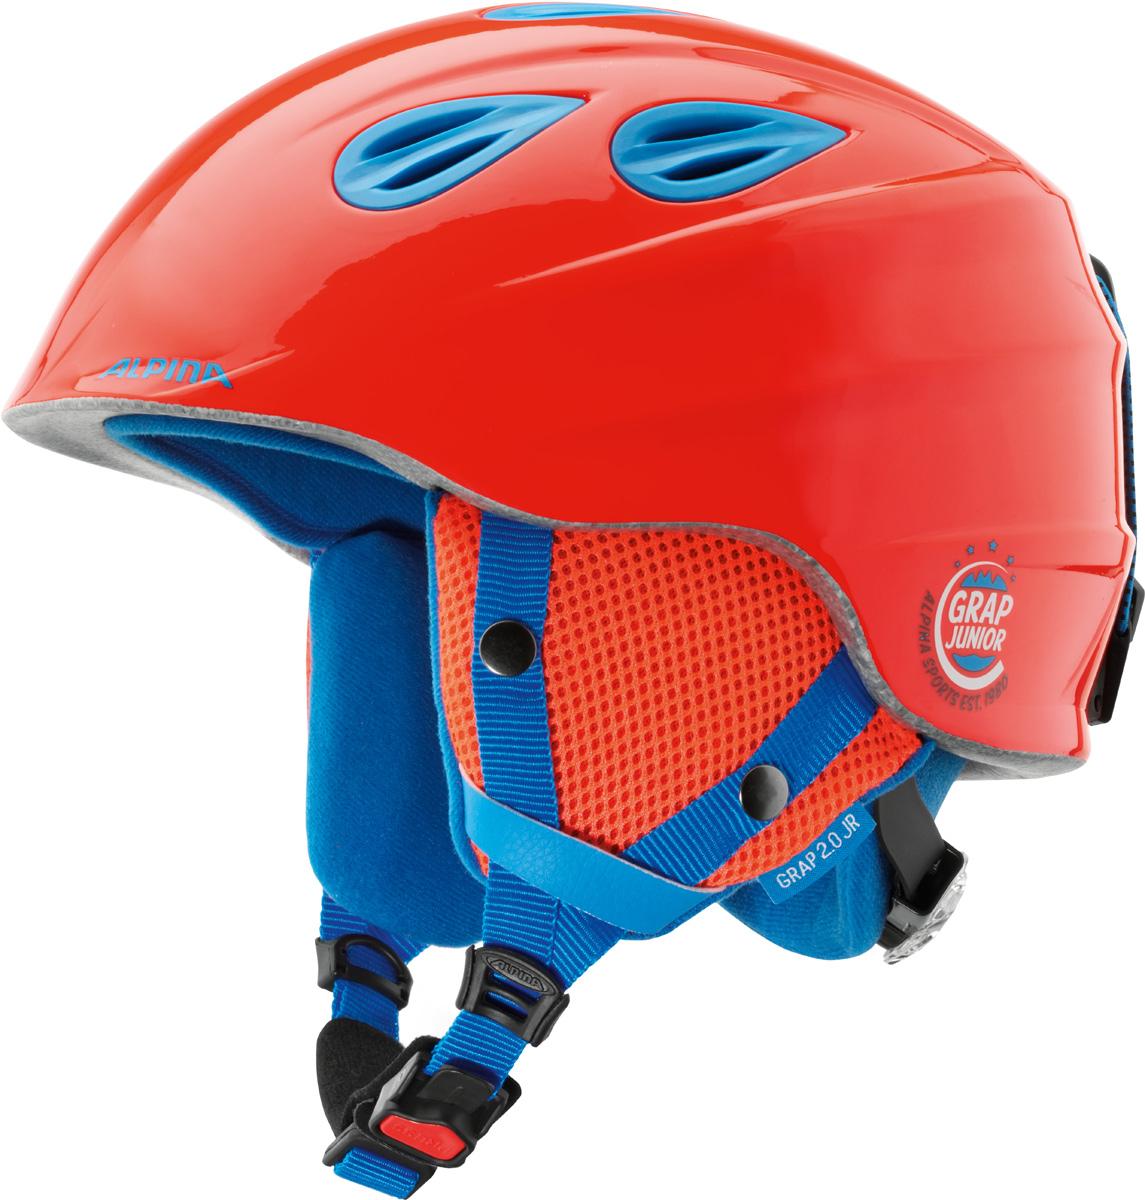 Шлем горнолыжный Alpina Grap 2.0 JR, цвет: красный. A9086_40. Размер 51-54A9086_40Детская версия популярнейшего шлема Alpina Grap 2.0, сохранившая все технические преимущества взрослой модели. Технологии: Конструкция In-Mold - соединение внутреннего слоя из EPS (вспененного полистирола) с внешним покрытием под большим давлением в условиях высокой температуры. В результате внешняя поликарбонатная оболочка сохраняет форму конструкции, предотвращая поломку и попадание осколков внутрь шлема, а внутренний слой Hi-EPS, состоящий из множества наполненных воздухом гранул, амортизирует ударную волну, защищая голову райдера от повреждений. Внешнее покрытие Ceramic Shell обеспечивает повышенную ударопрочность и износостойкость, а также обладает защитой от УФ-излучений, препятствующей выгоранию на солнце, и антистатичными свойствами. Съемный внутренний тканевый слой. Подкладку можно постирать и легко вставить обратно. Своевременный уход за внутренником предотвращает появление неприятного запаха. Вентиляционная система с раздвижным механизмом с возможностью регулировки интенсивности потока воздуха. Классическая система регулировки в шлемах Alpina Run System с регулировочным кольцом на затылке позволяет быстро и легко подобрать оптимальную и комфортную плотность посадки на голове. Съемные ушки согревают в холодную погоду, а в теплую компактно хранятся в кармане куртки. Шейный воротник из микрофлиса в задней части шлема быстро согревает и не давит на шею. Ремешок фиксируется кнопкой с запирающим механизмом. Застежка максимально удобна для использования в перчатках. Система Edge Protect в конструкции шлема защищает голову горнолыжника при боковом ударе. Система Y-Clip гарантирует оптимальную посадку с миллиметровой точностью. Y-зажим соединяет два ремешка вместе и удобно фиксирует их под ухом. Съемные элементы позволяют использовать шлем всесезонно.Что взять с собой на горнолыжную прогулку: рассказывают эксперты. Статья OZON Гид